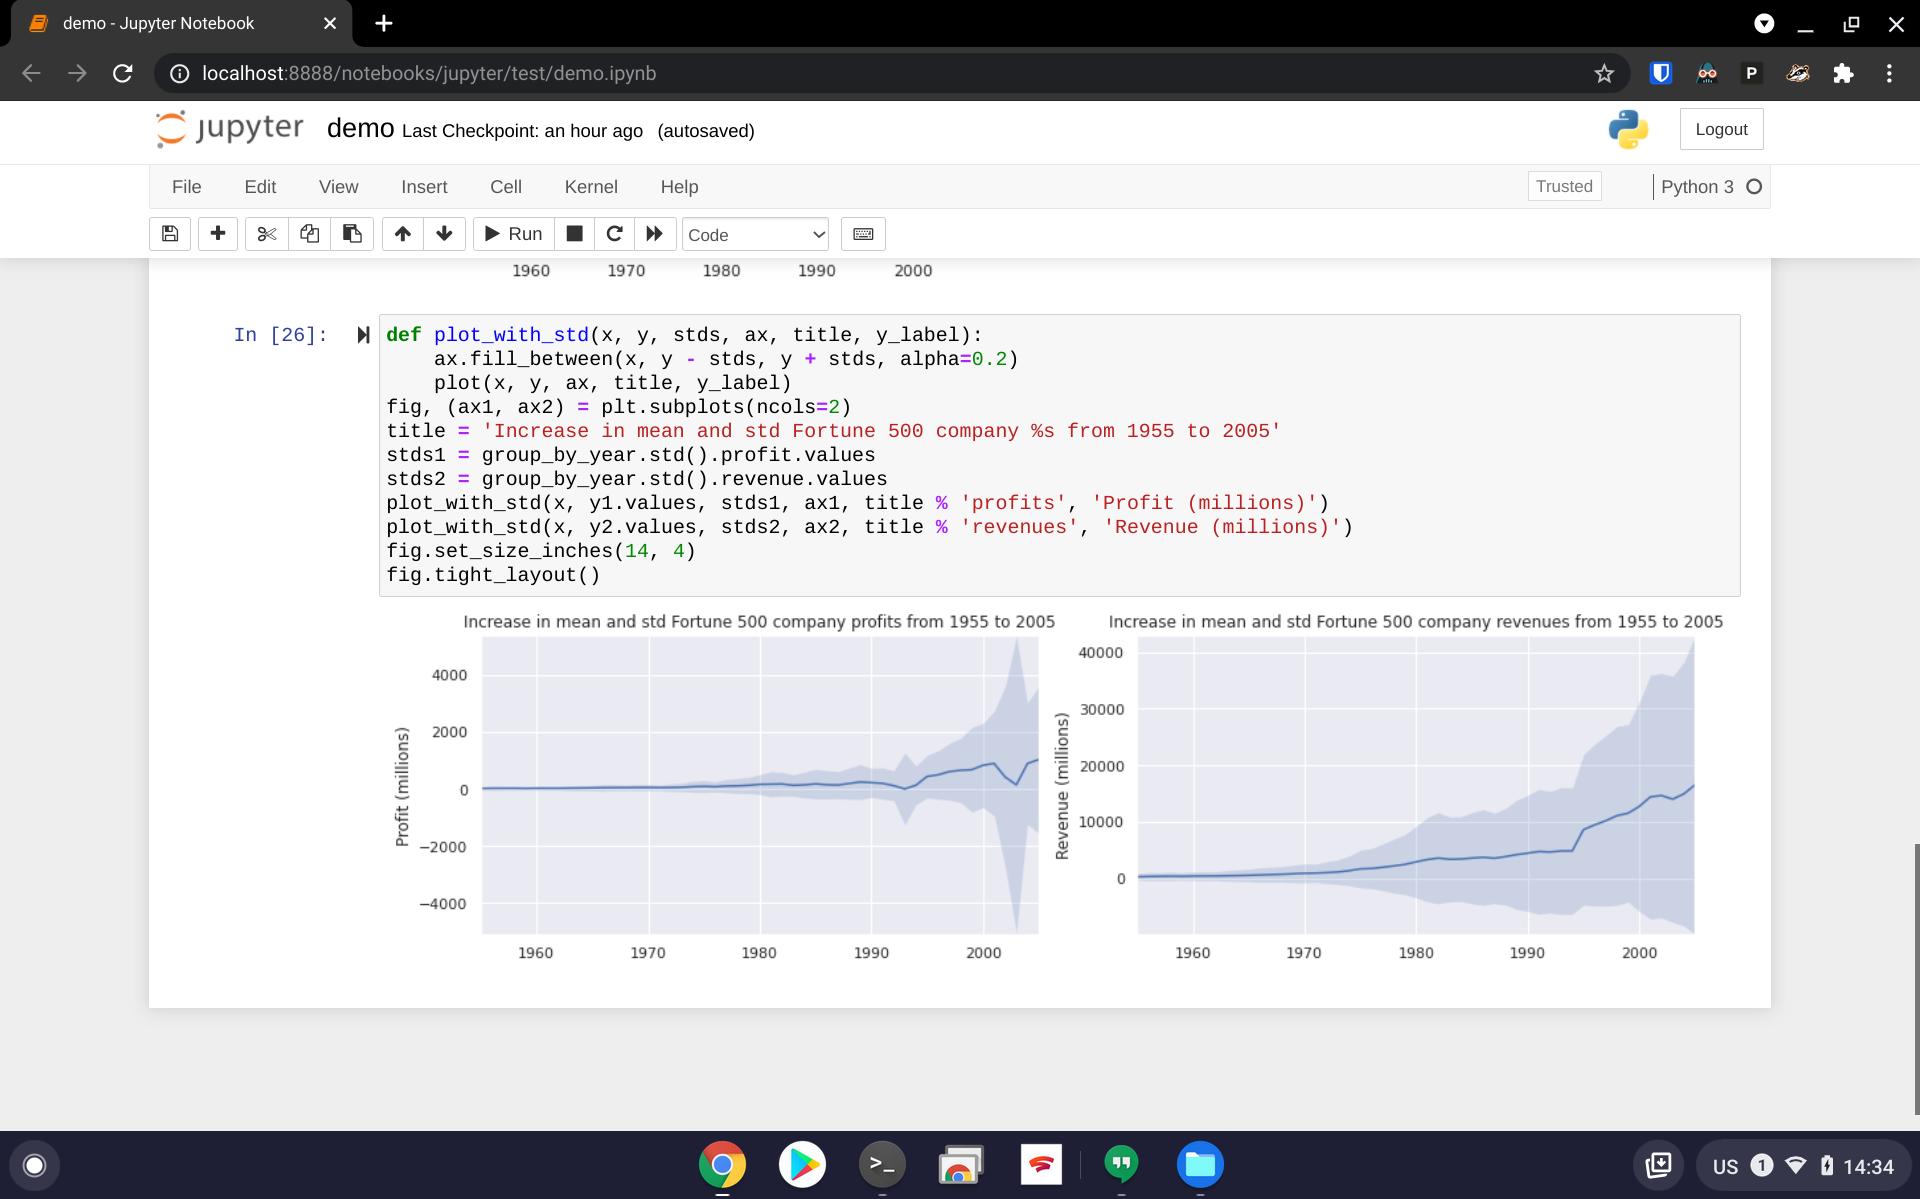 Screenshot 2020-11-03 at 14.34.09.png